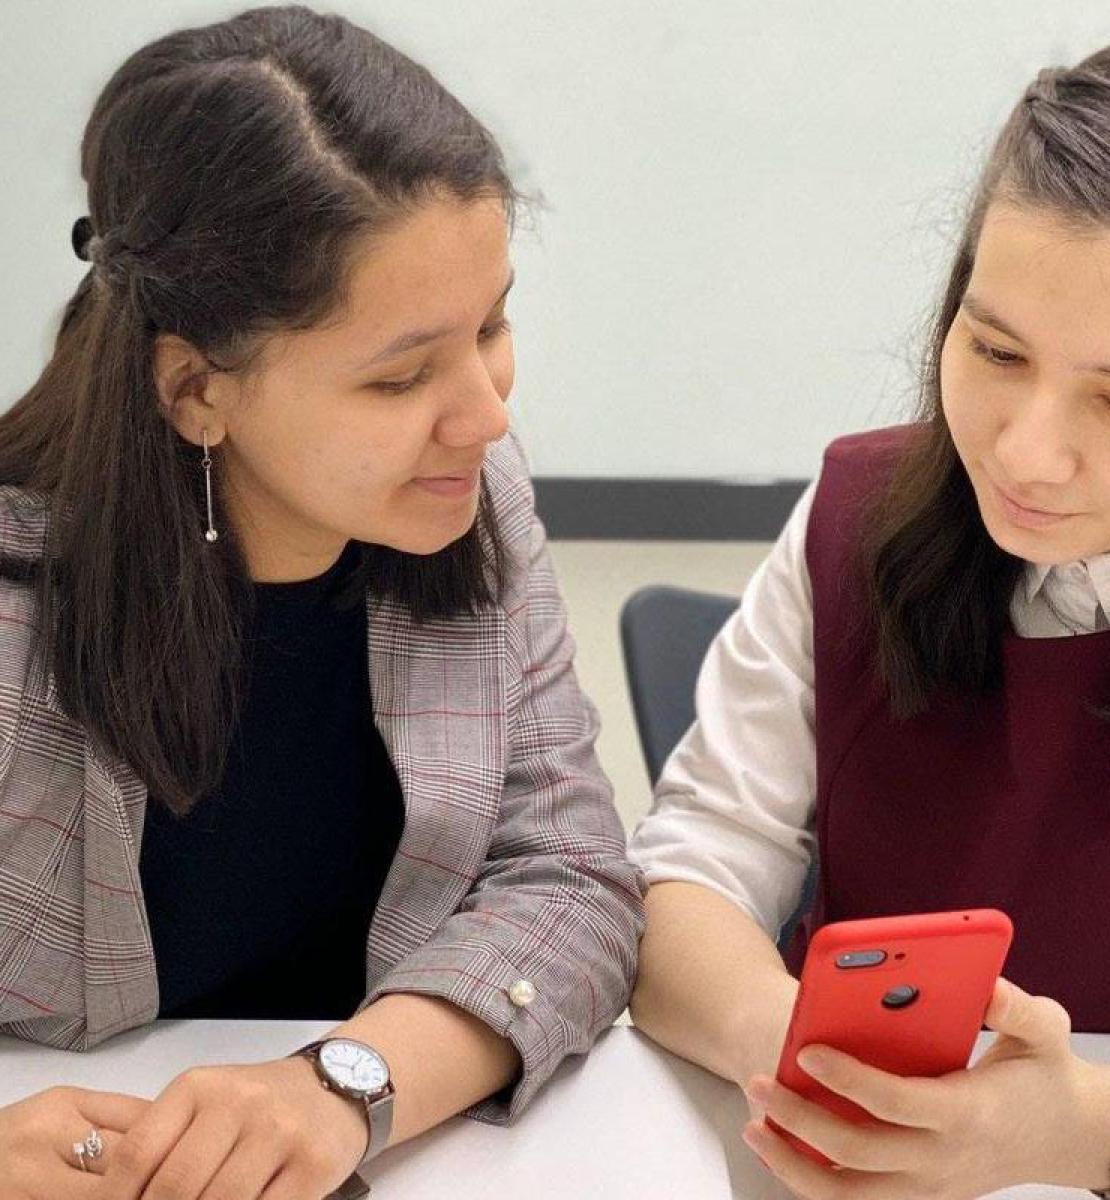 Девочка учится пользоваться программой на мобильном телефоне вместе со своим учителем.